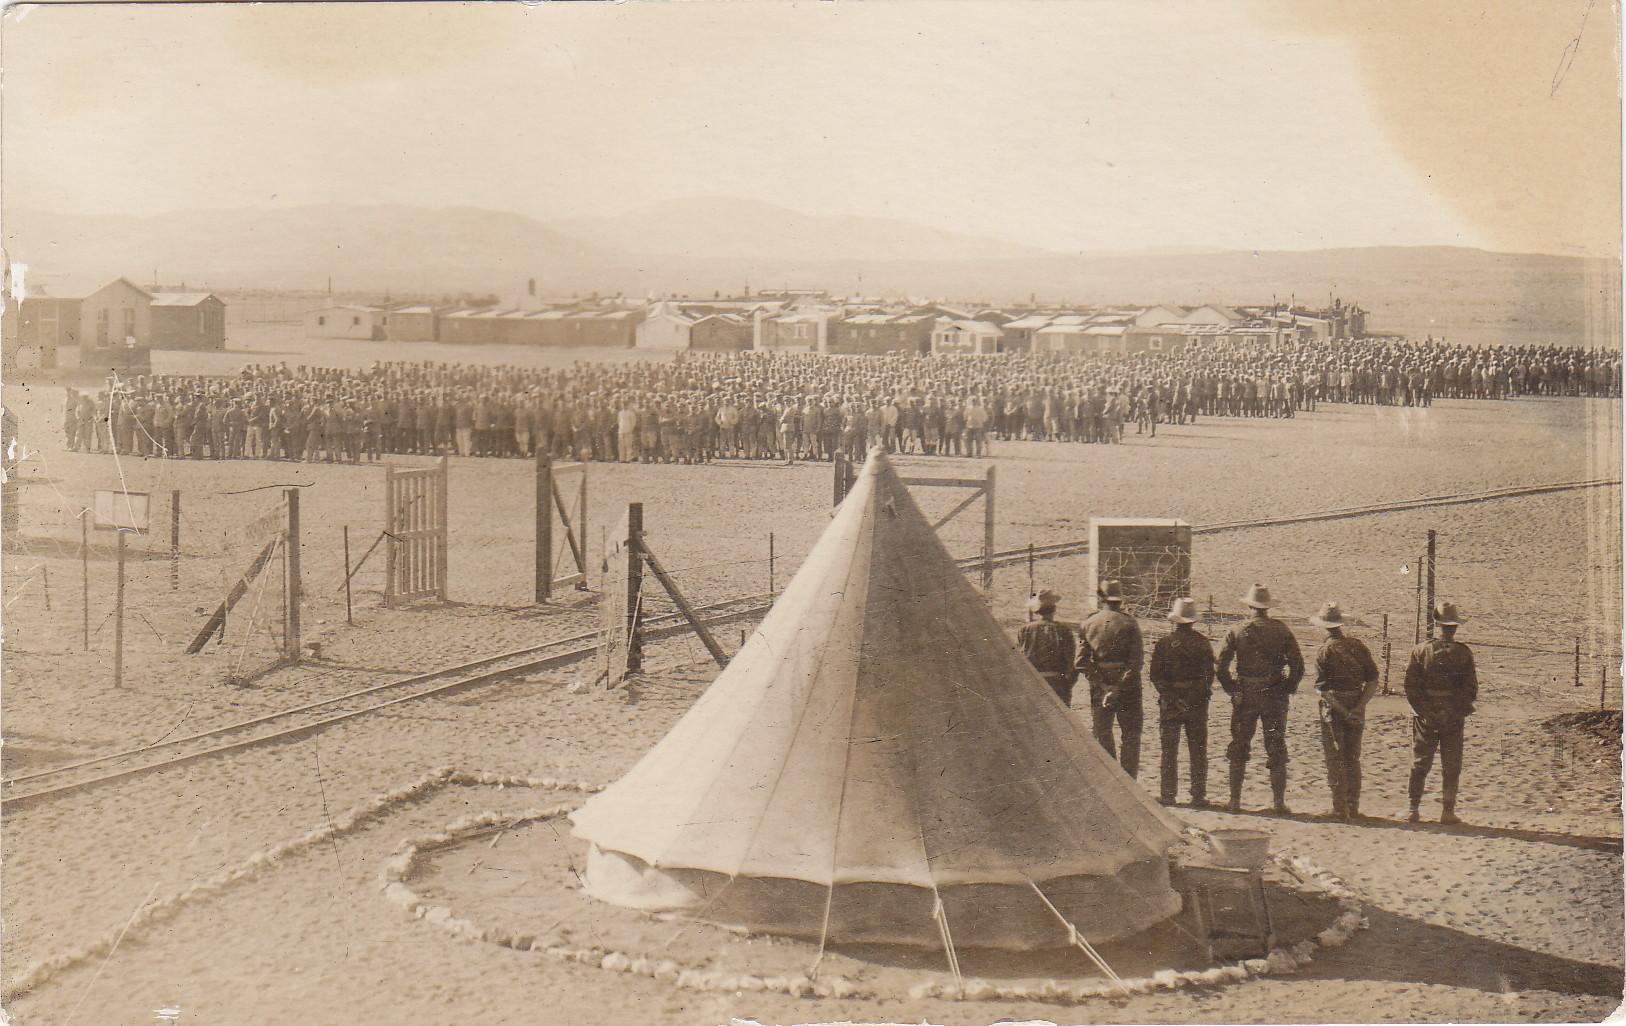 Das Gefangenenlager von Aus 1916-1917